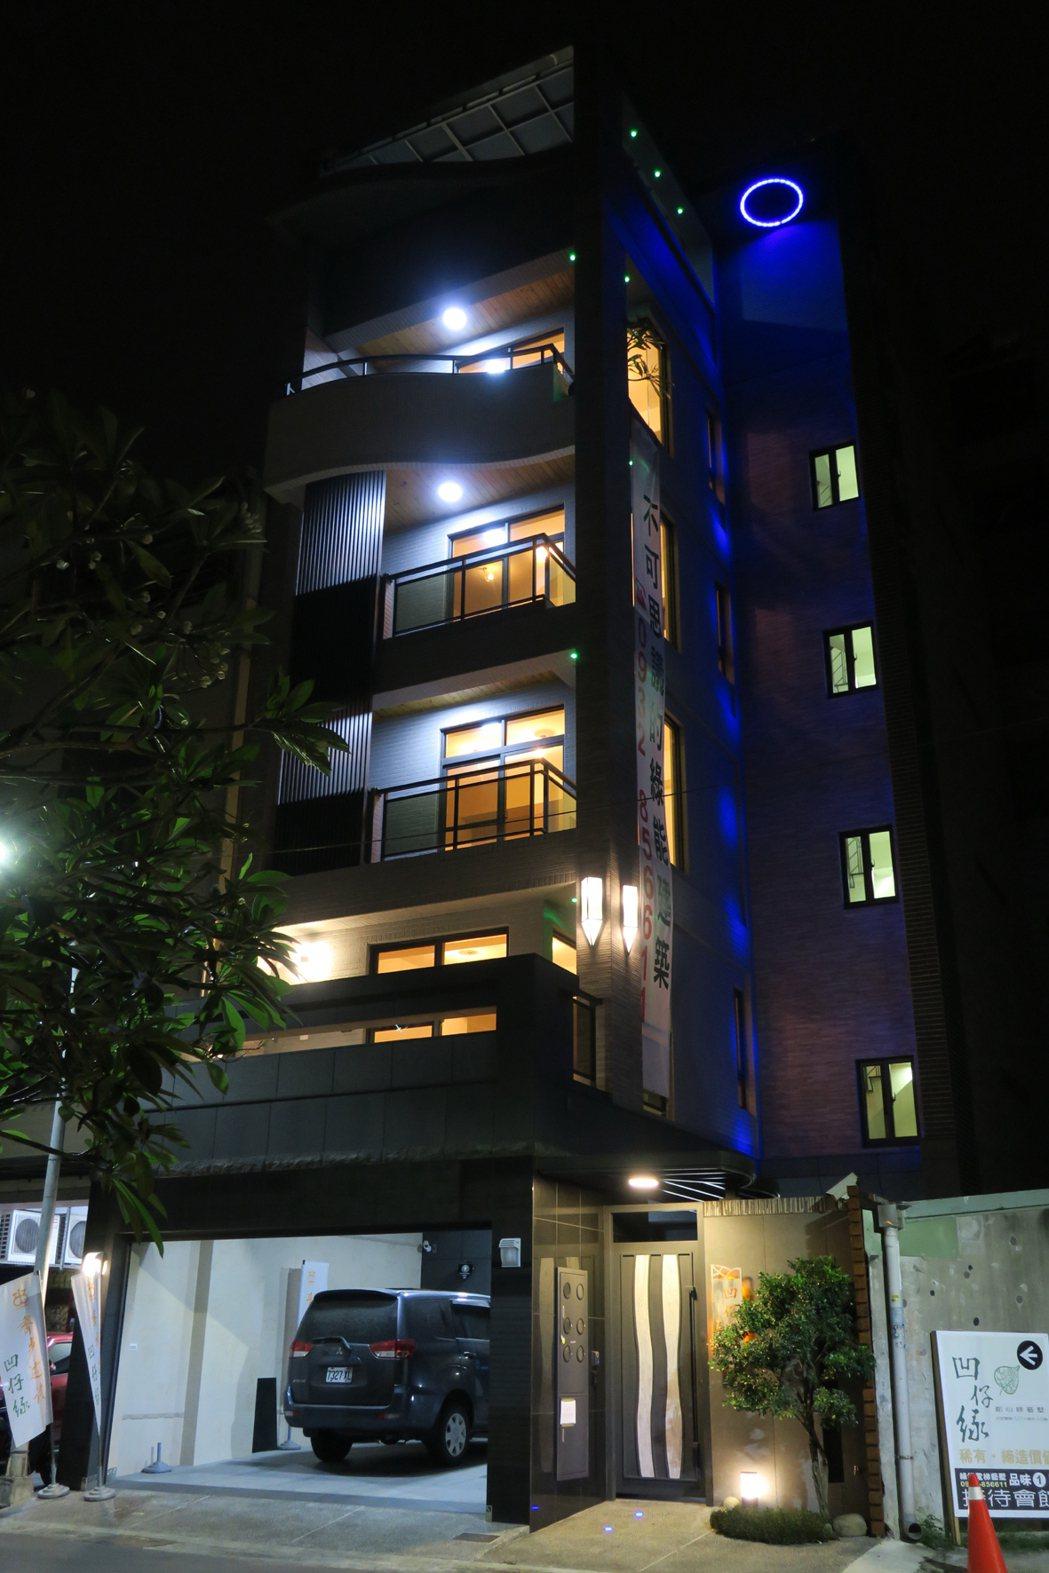 「凹仔綠」創藝夜間燈光設計。 圖片提供/齊步建設